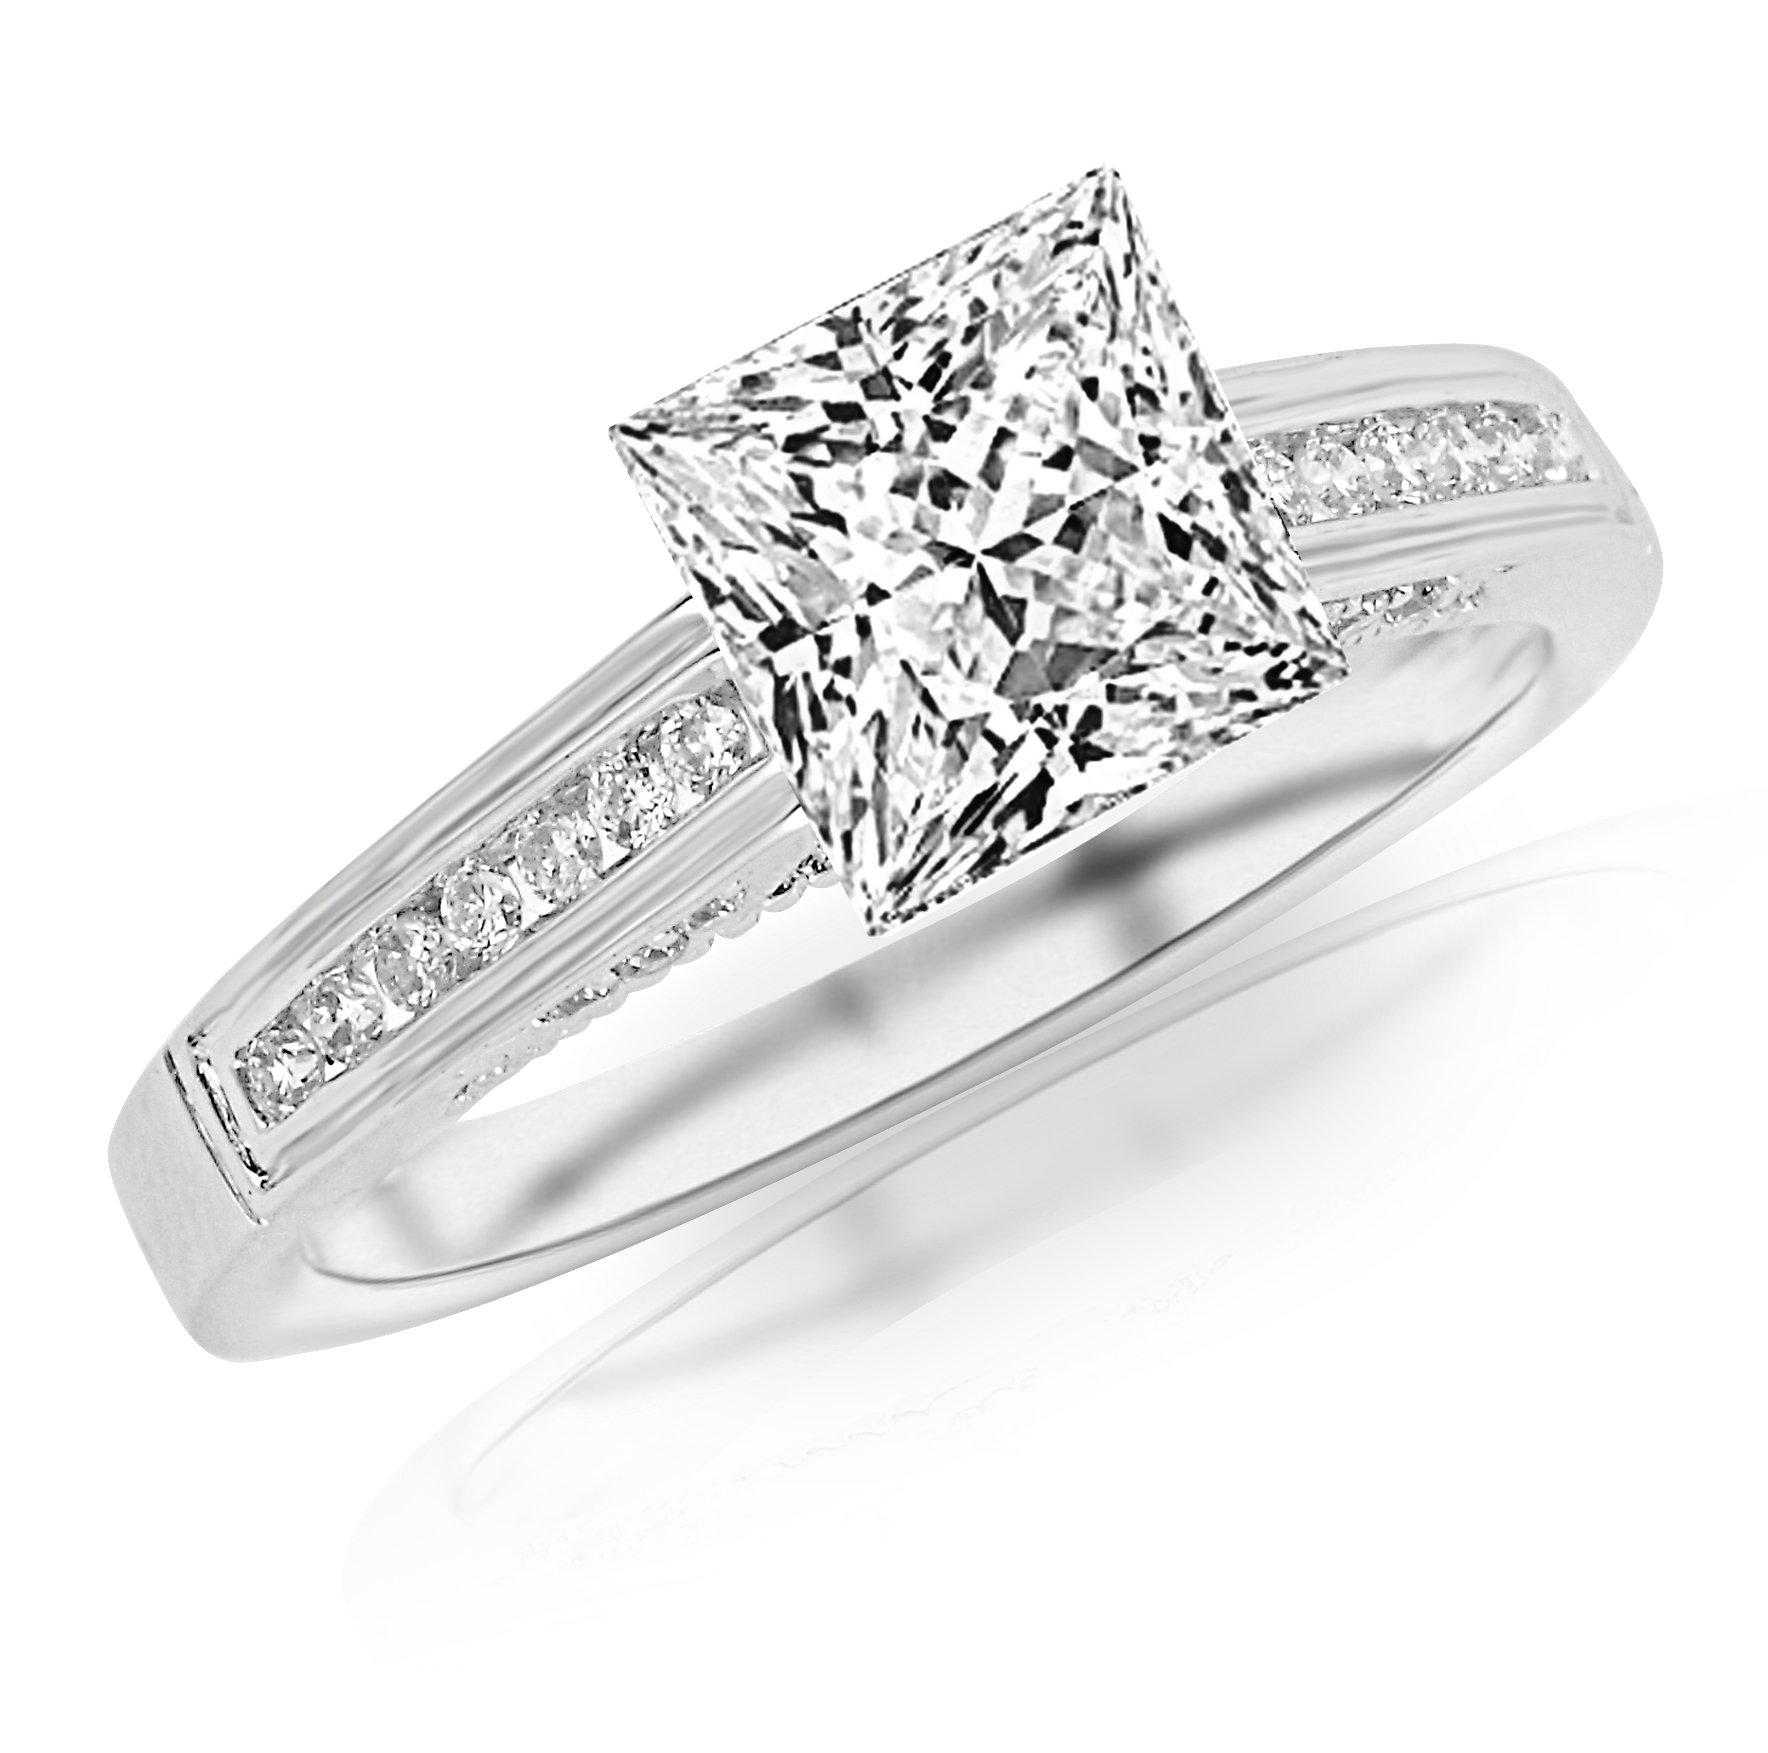 0.53 Carat Princess Cut Classic Channel Set Diamond Engagement Ring (D-E Color, VS2-SI1 Clarity)